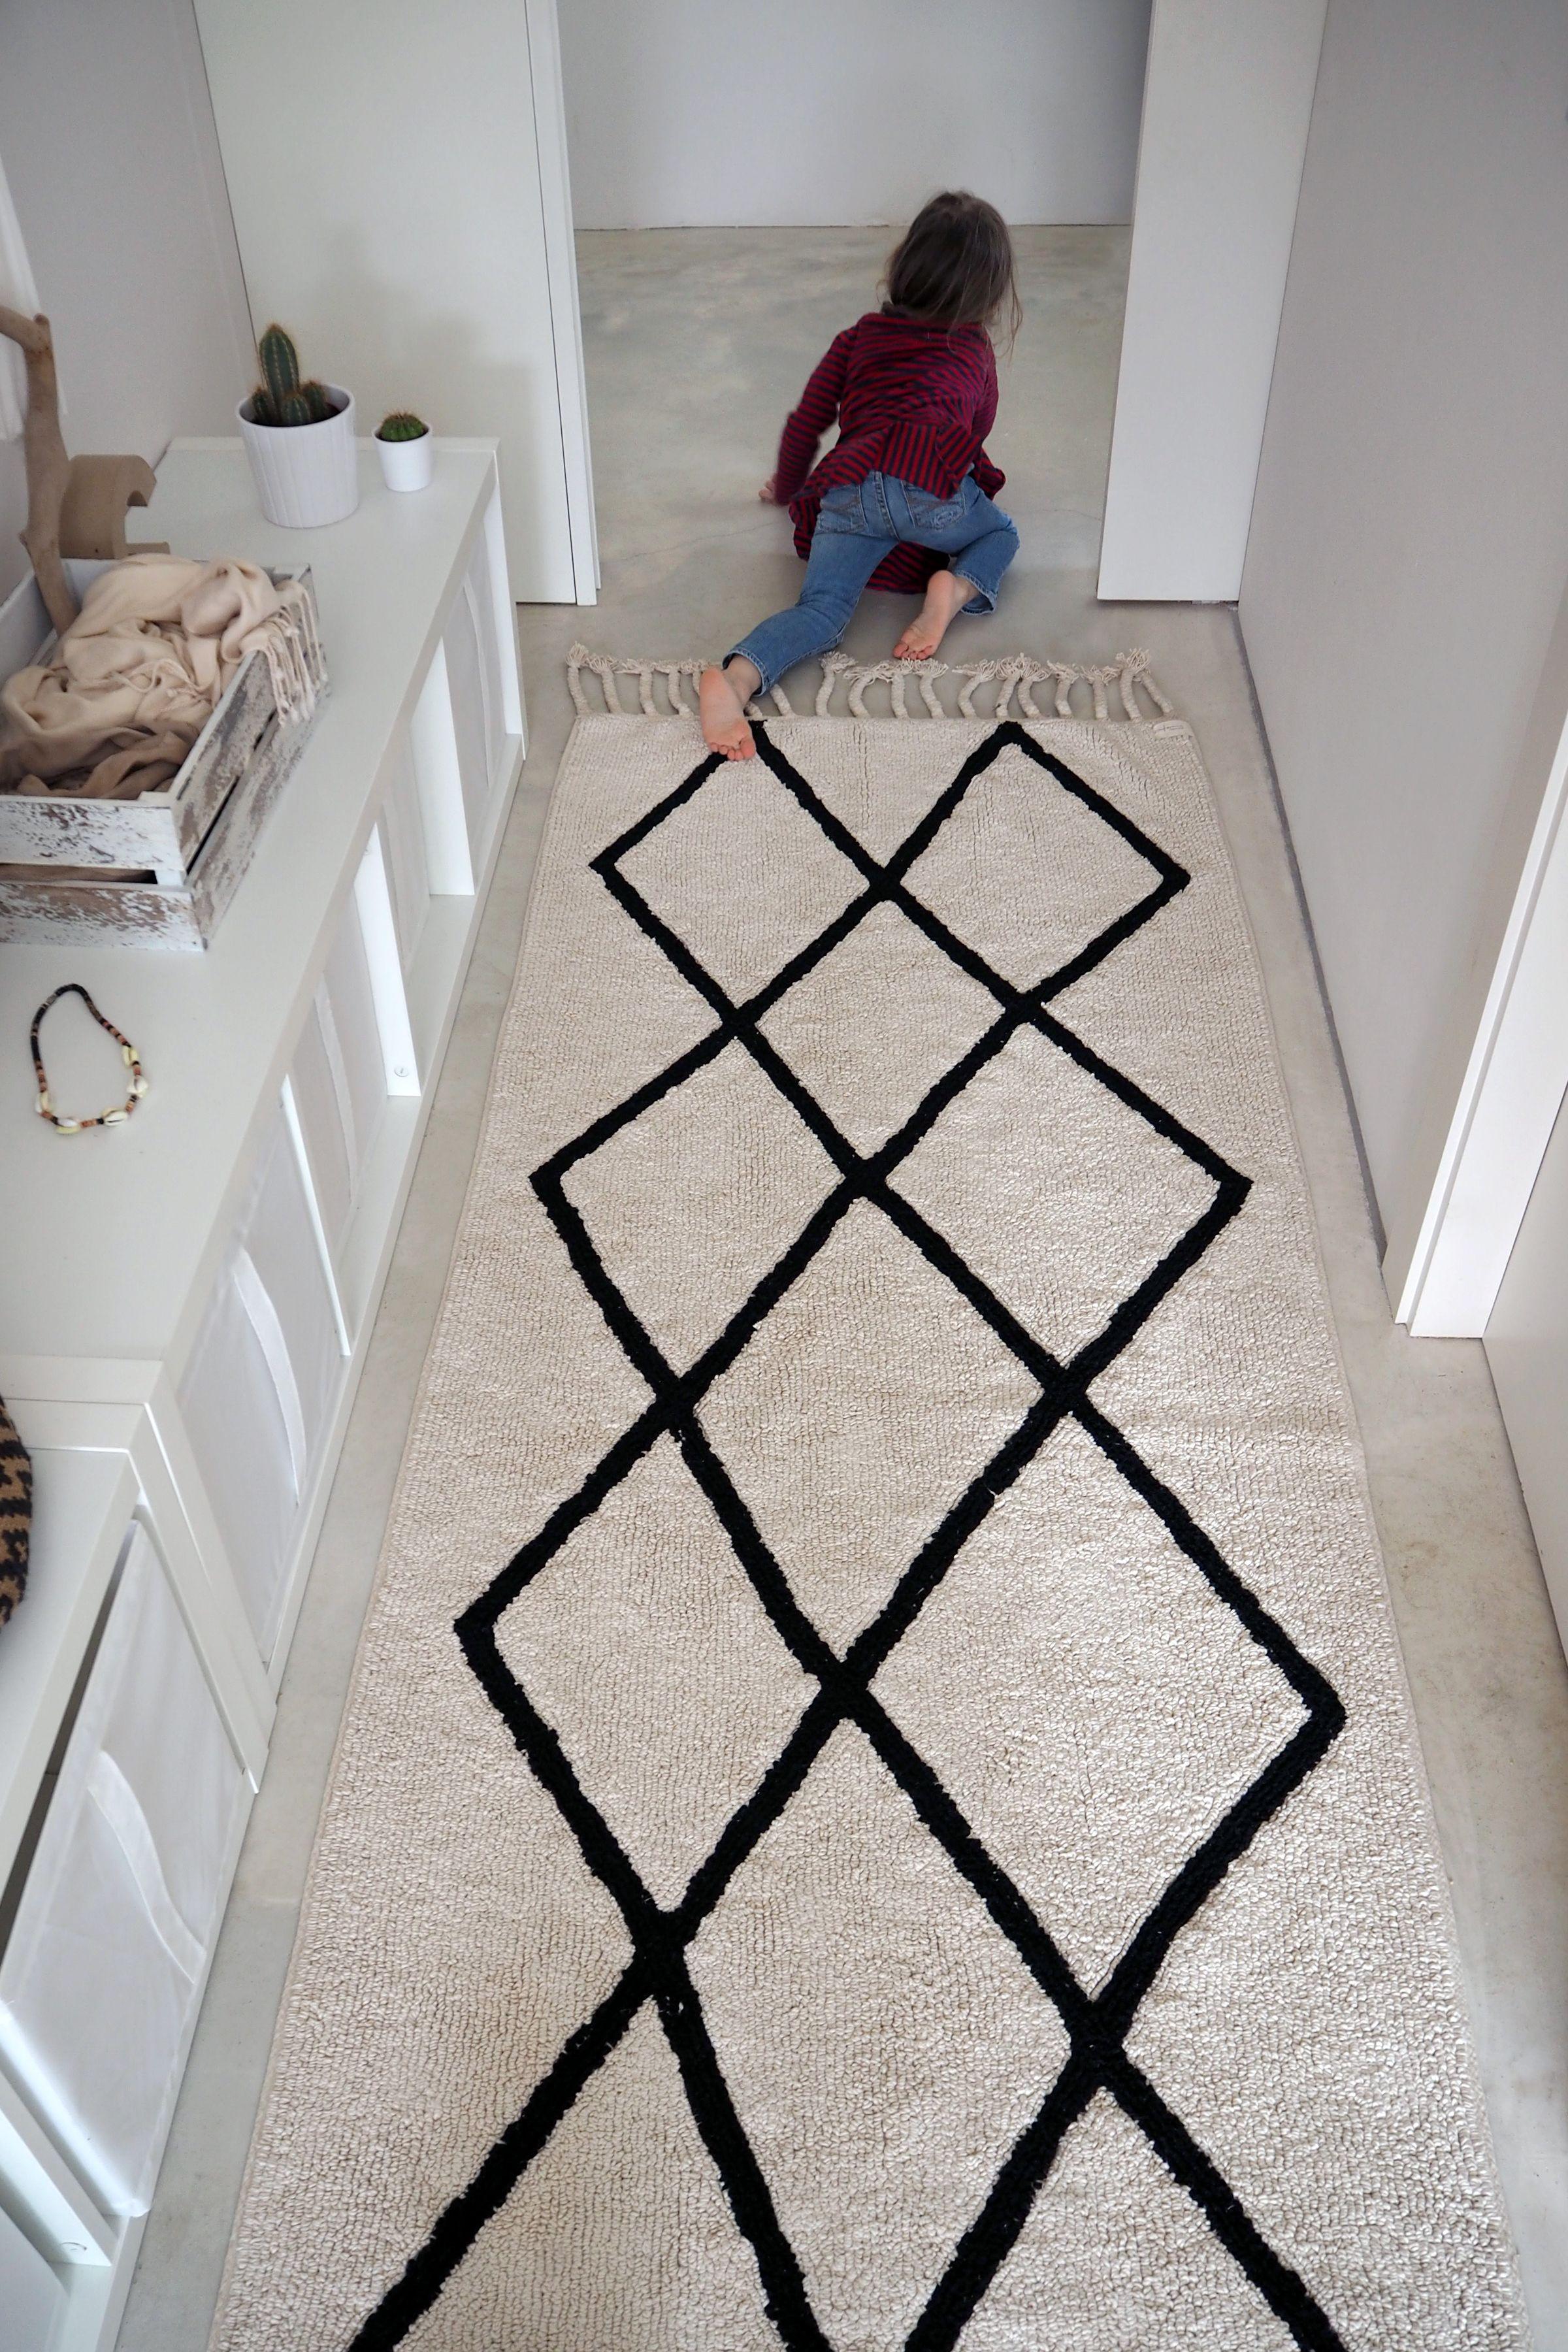 ideas de alfombras modernas y estilo nrdico - Alfombras Modernas